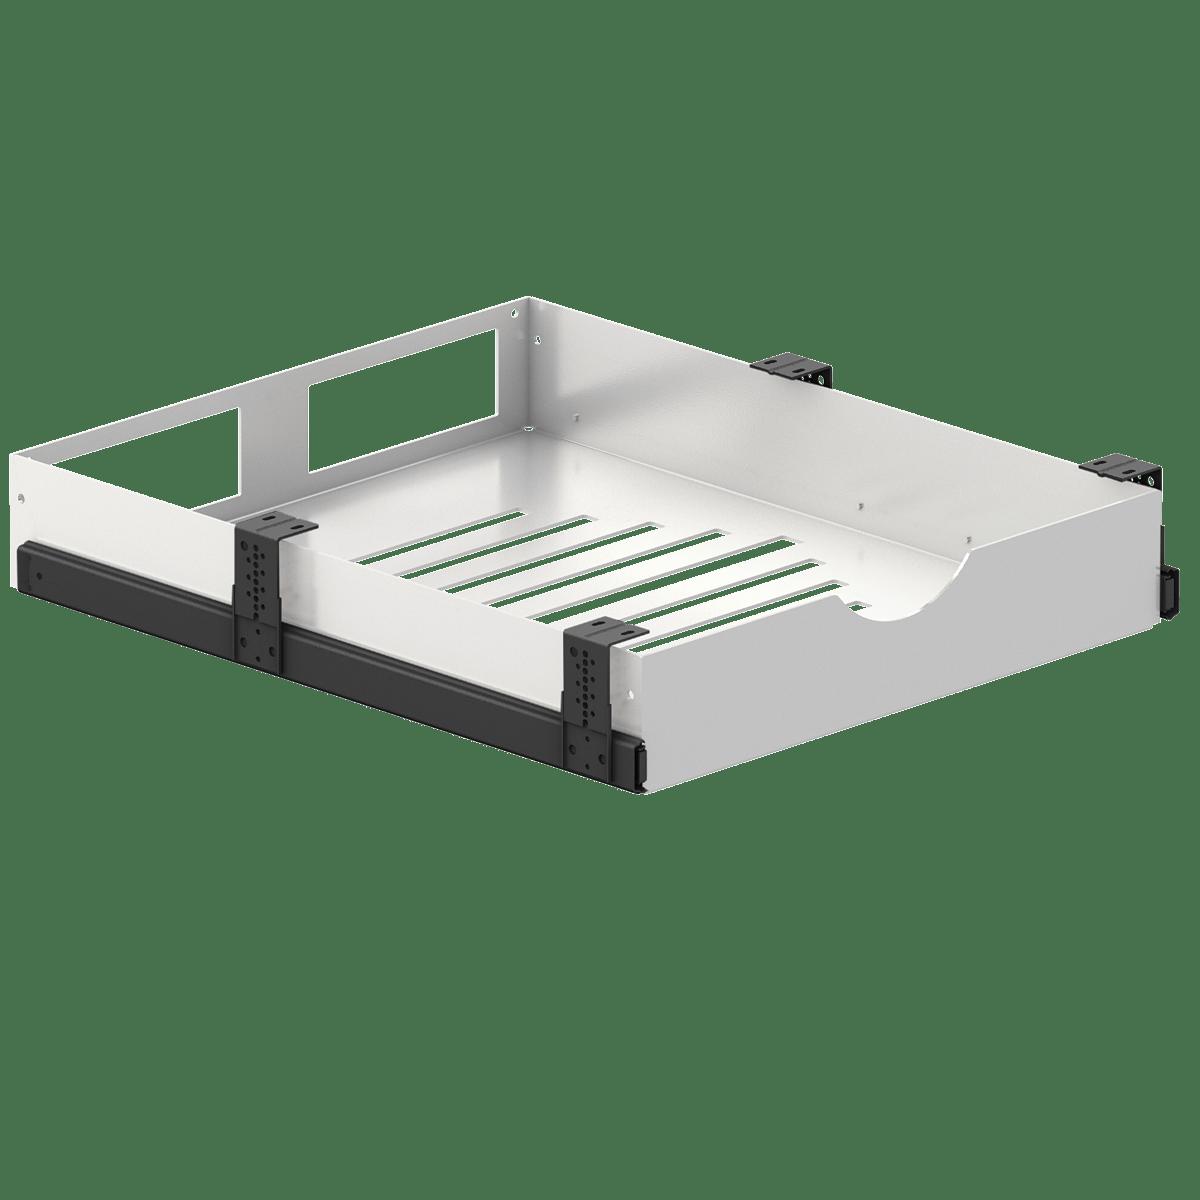 Laptop Drawer Kit